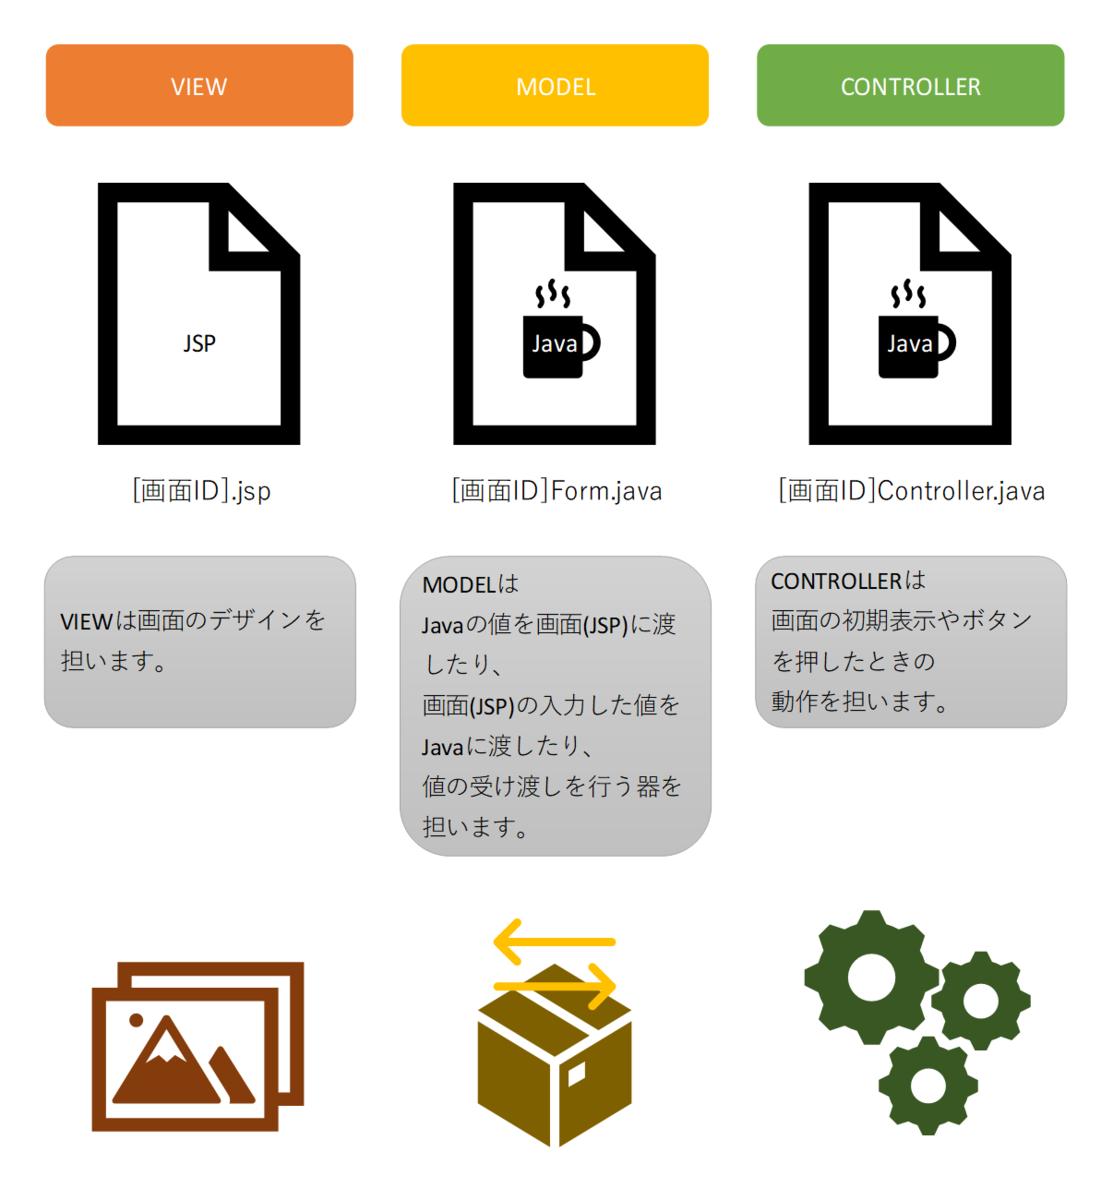 f:id:shizuuuka0202:20200127220031p:plain